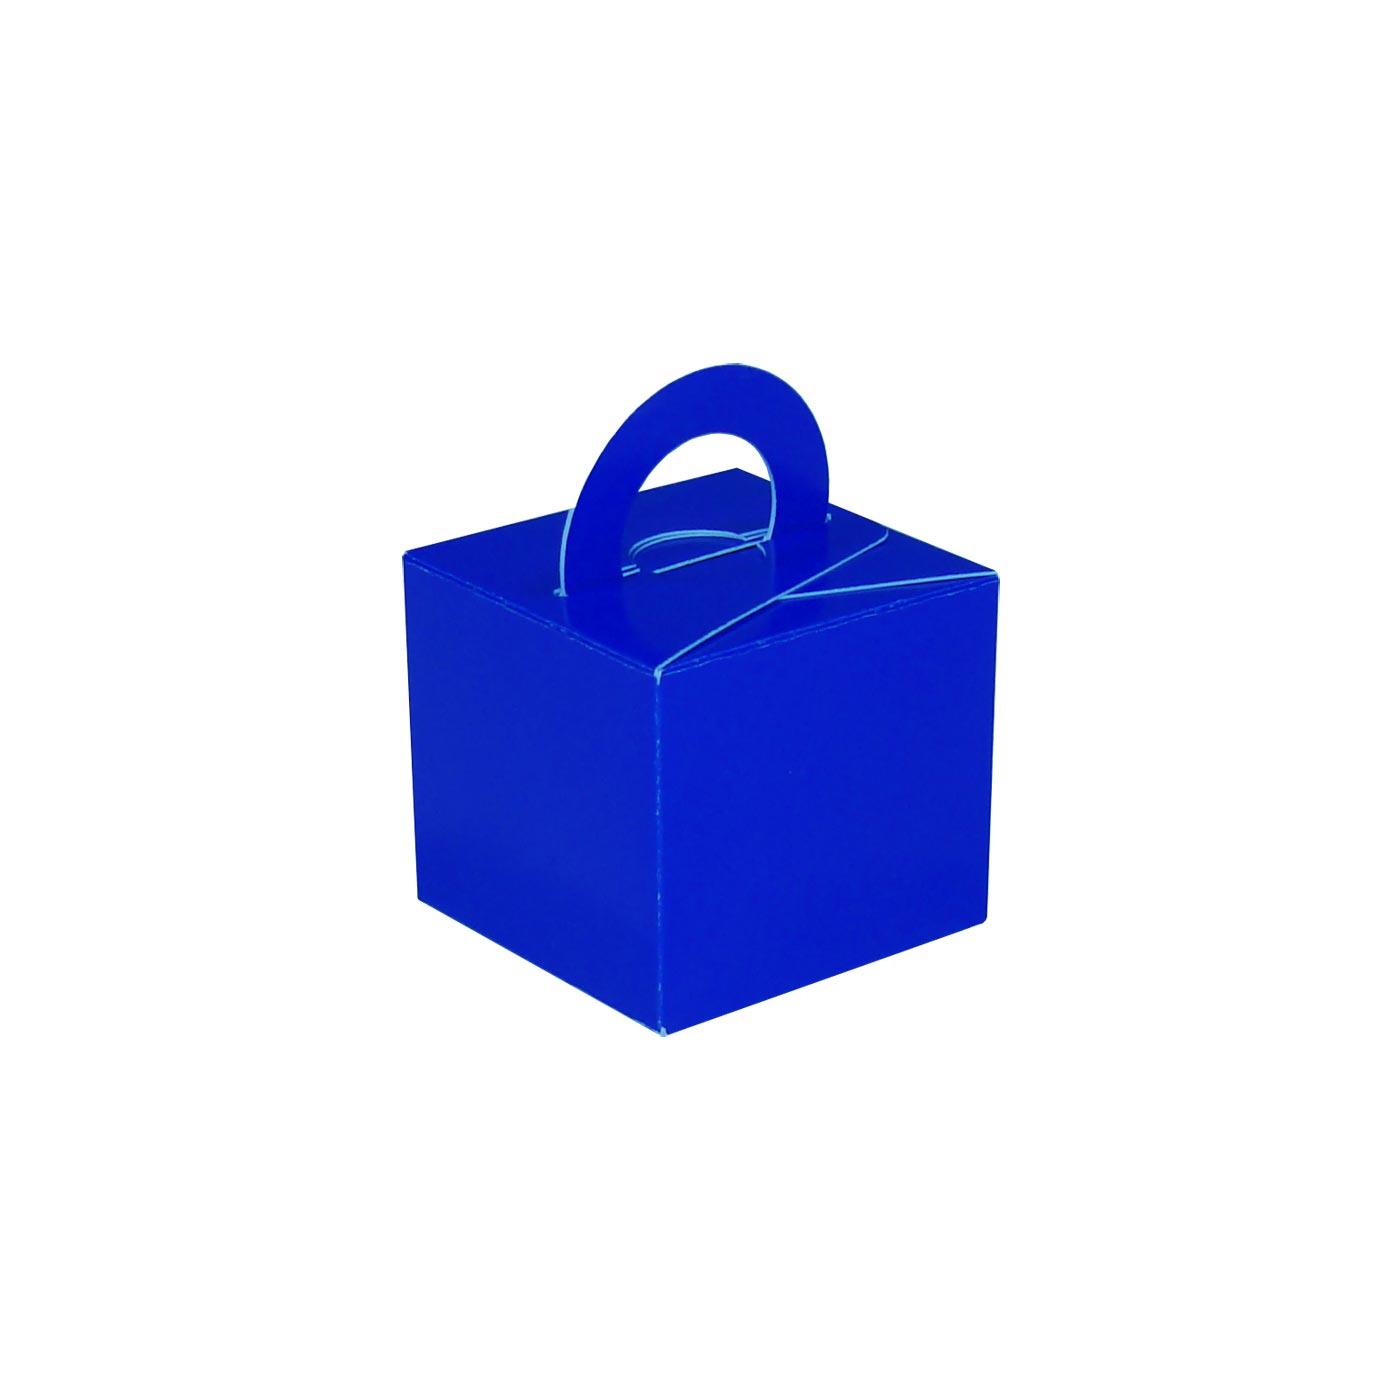 Blue Balloon Weight Box